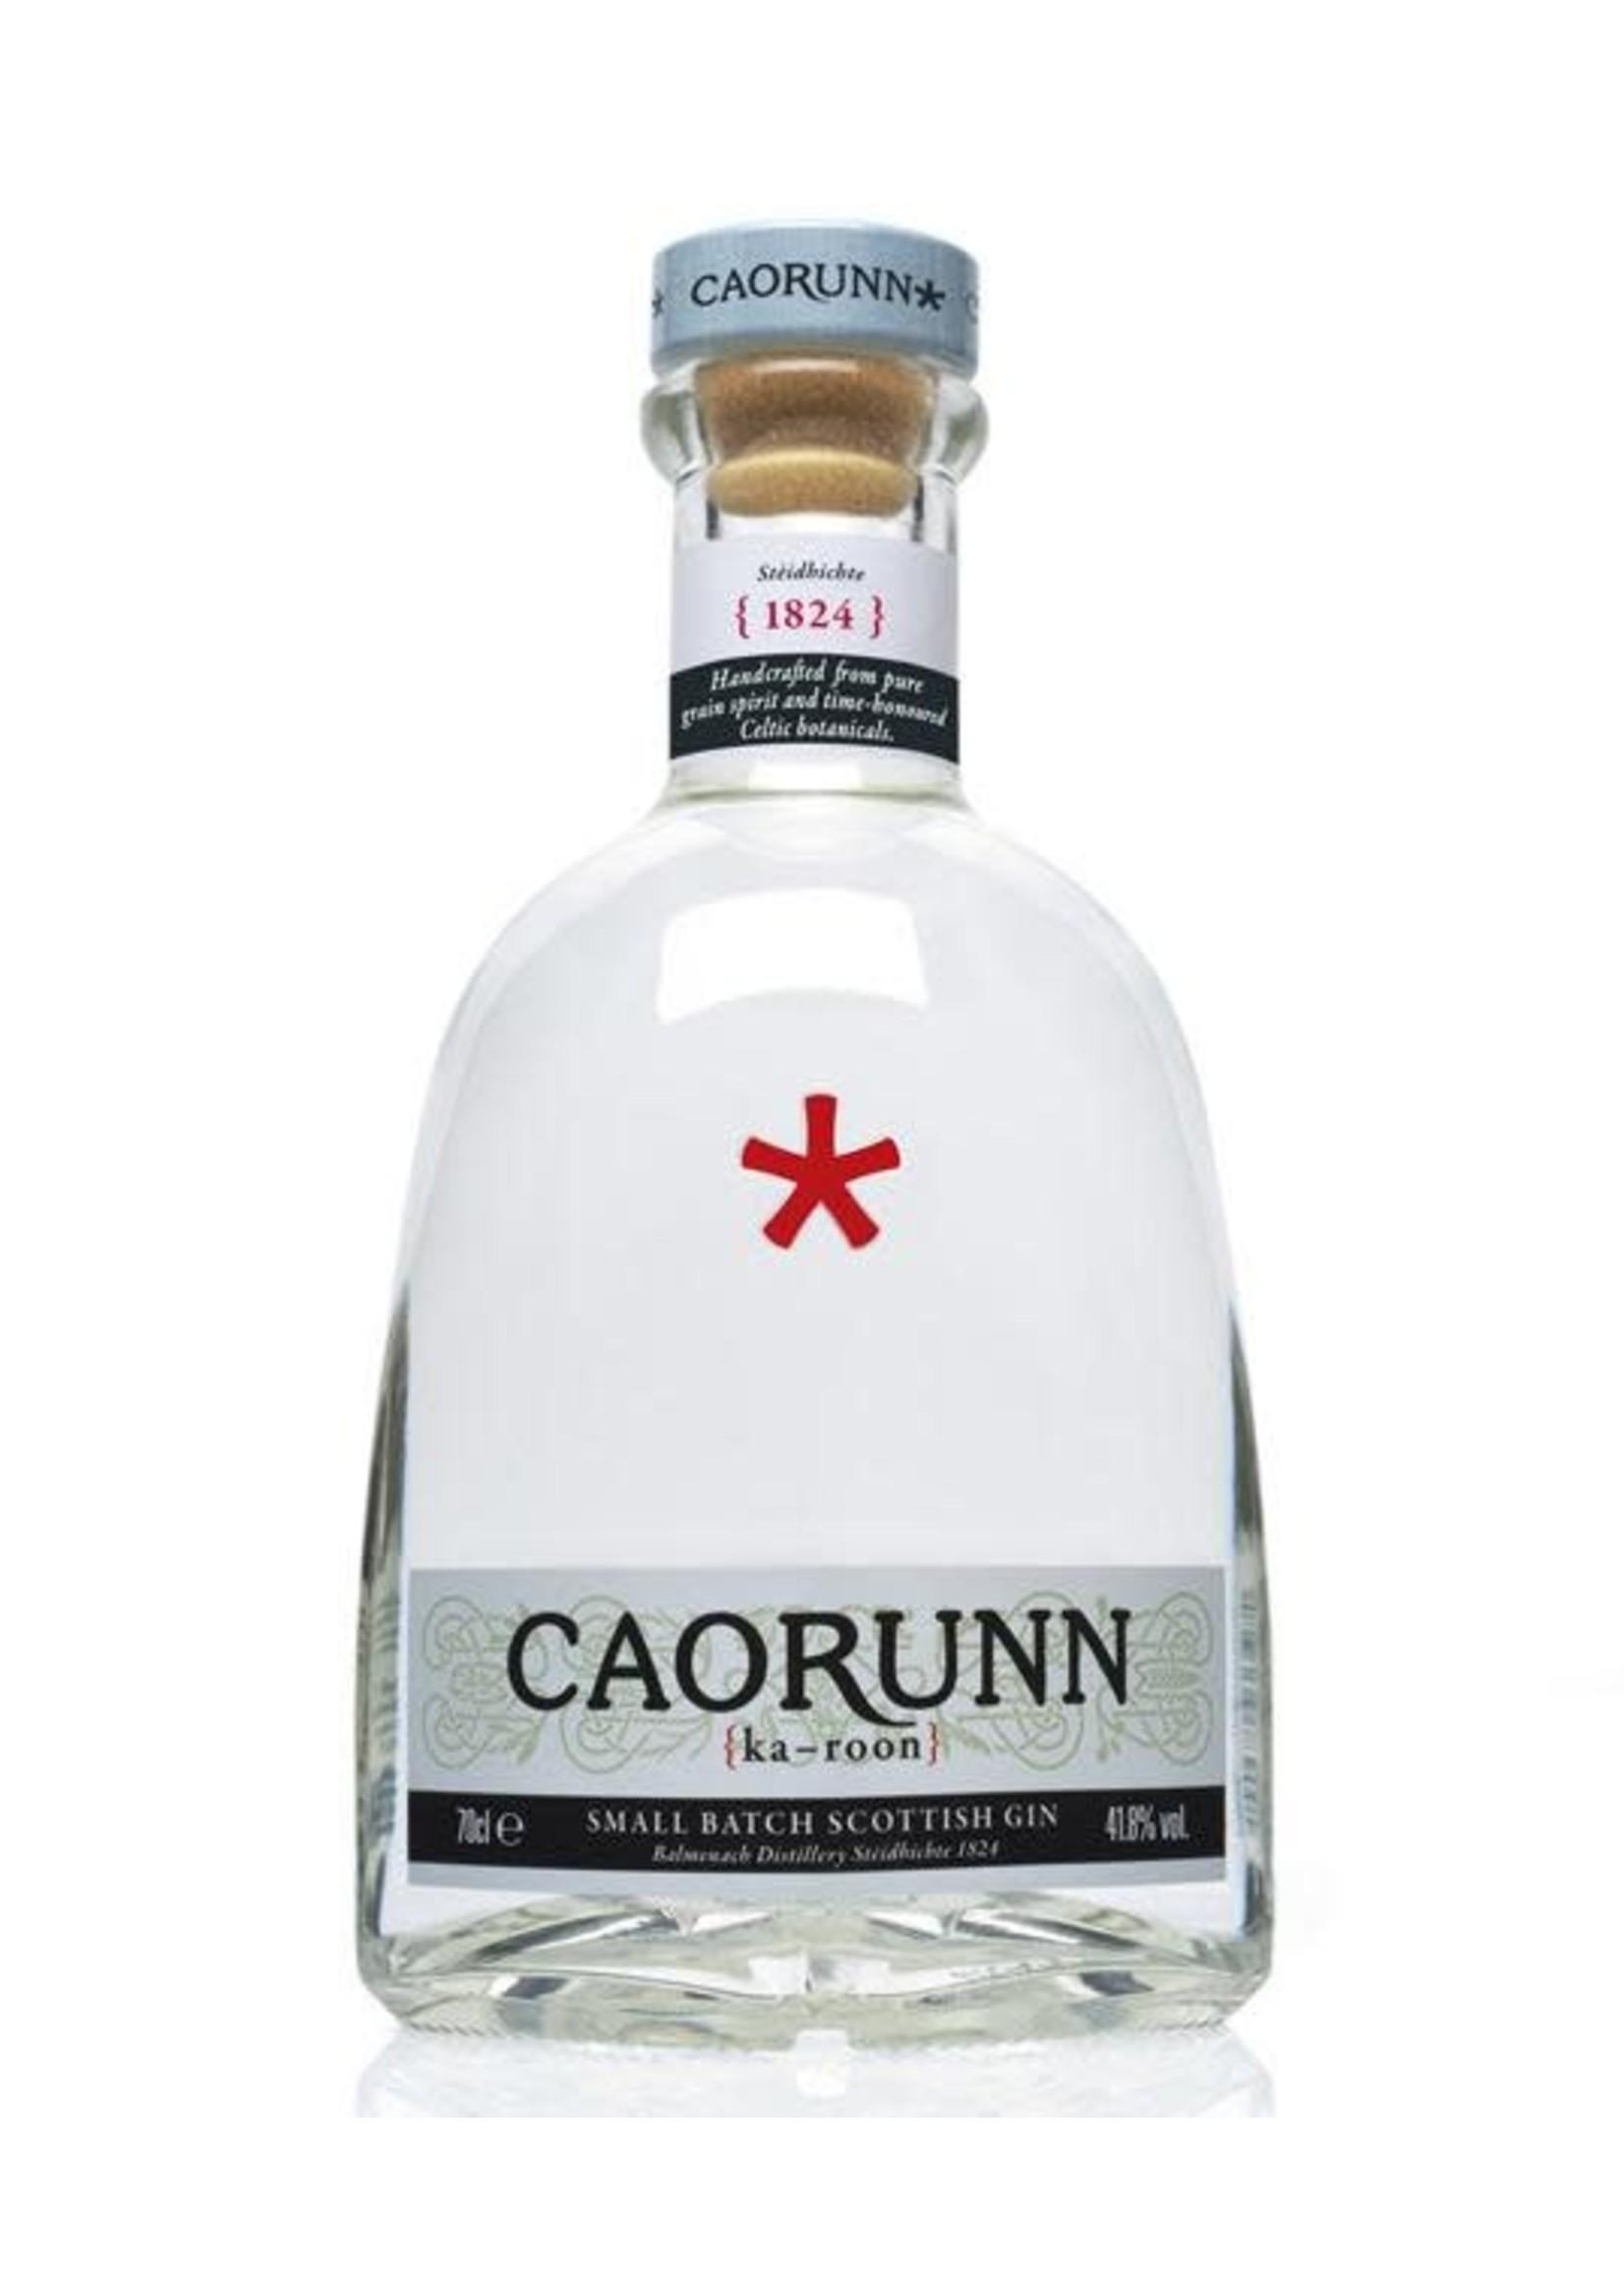 Caorunn Caorunn / Small Batch Scottish Gin / 750mL